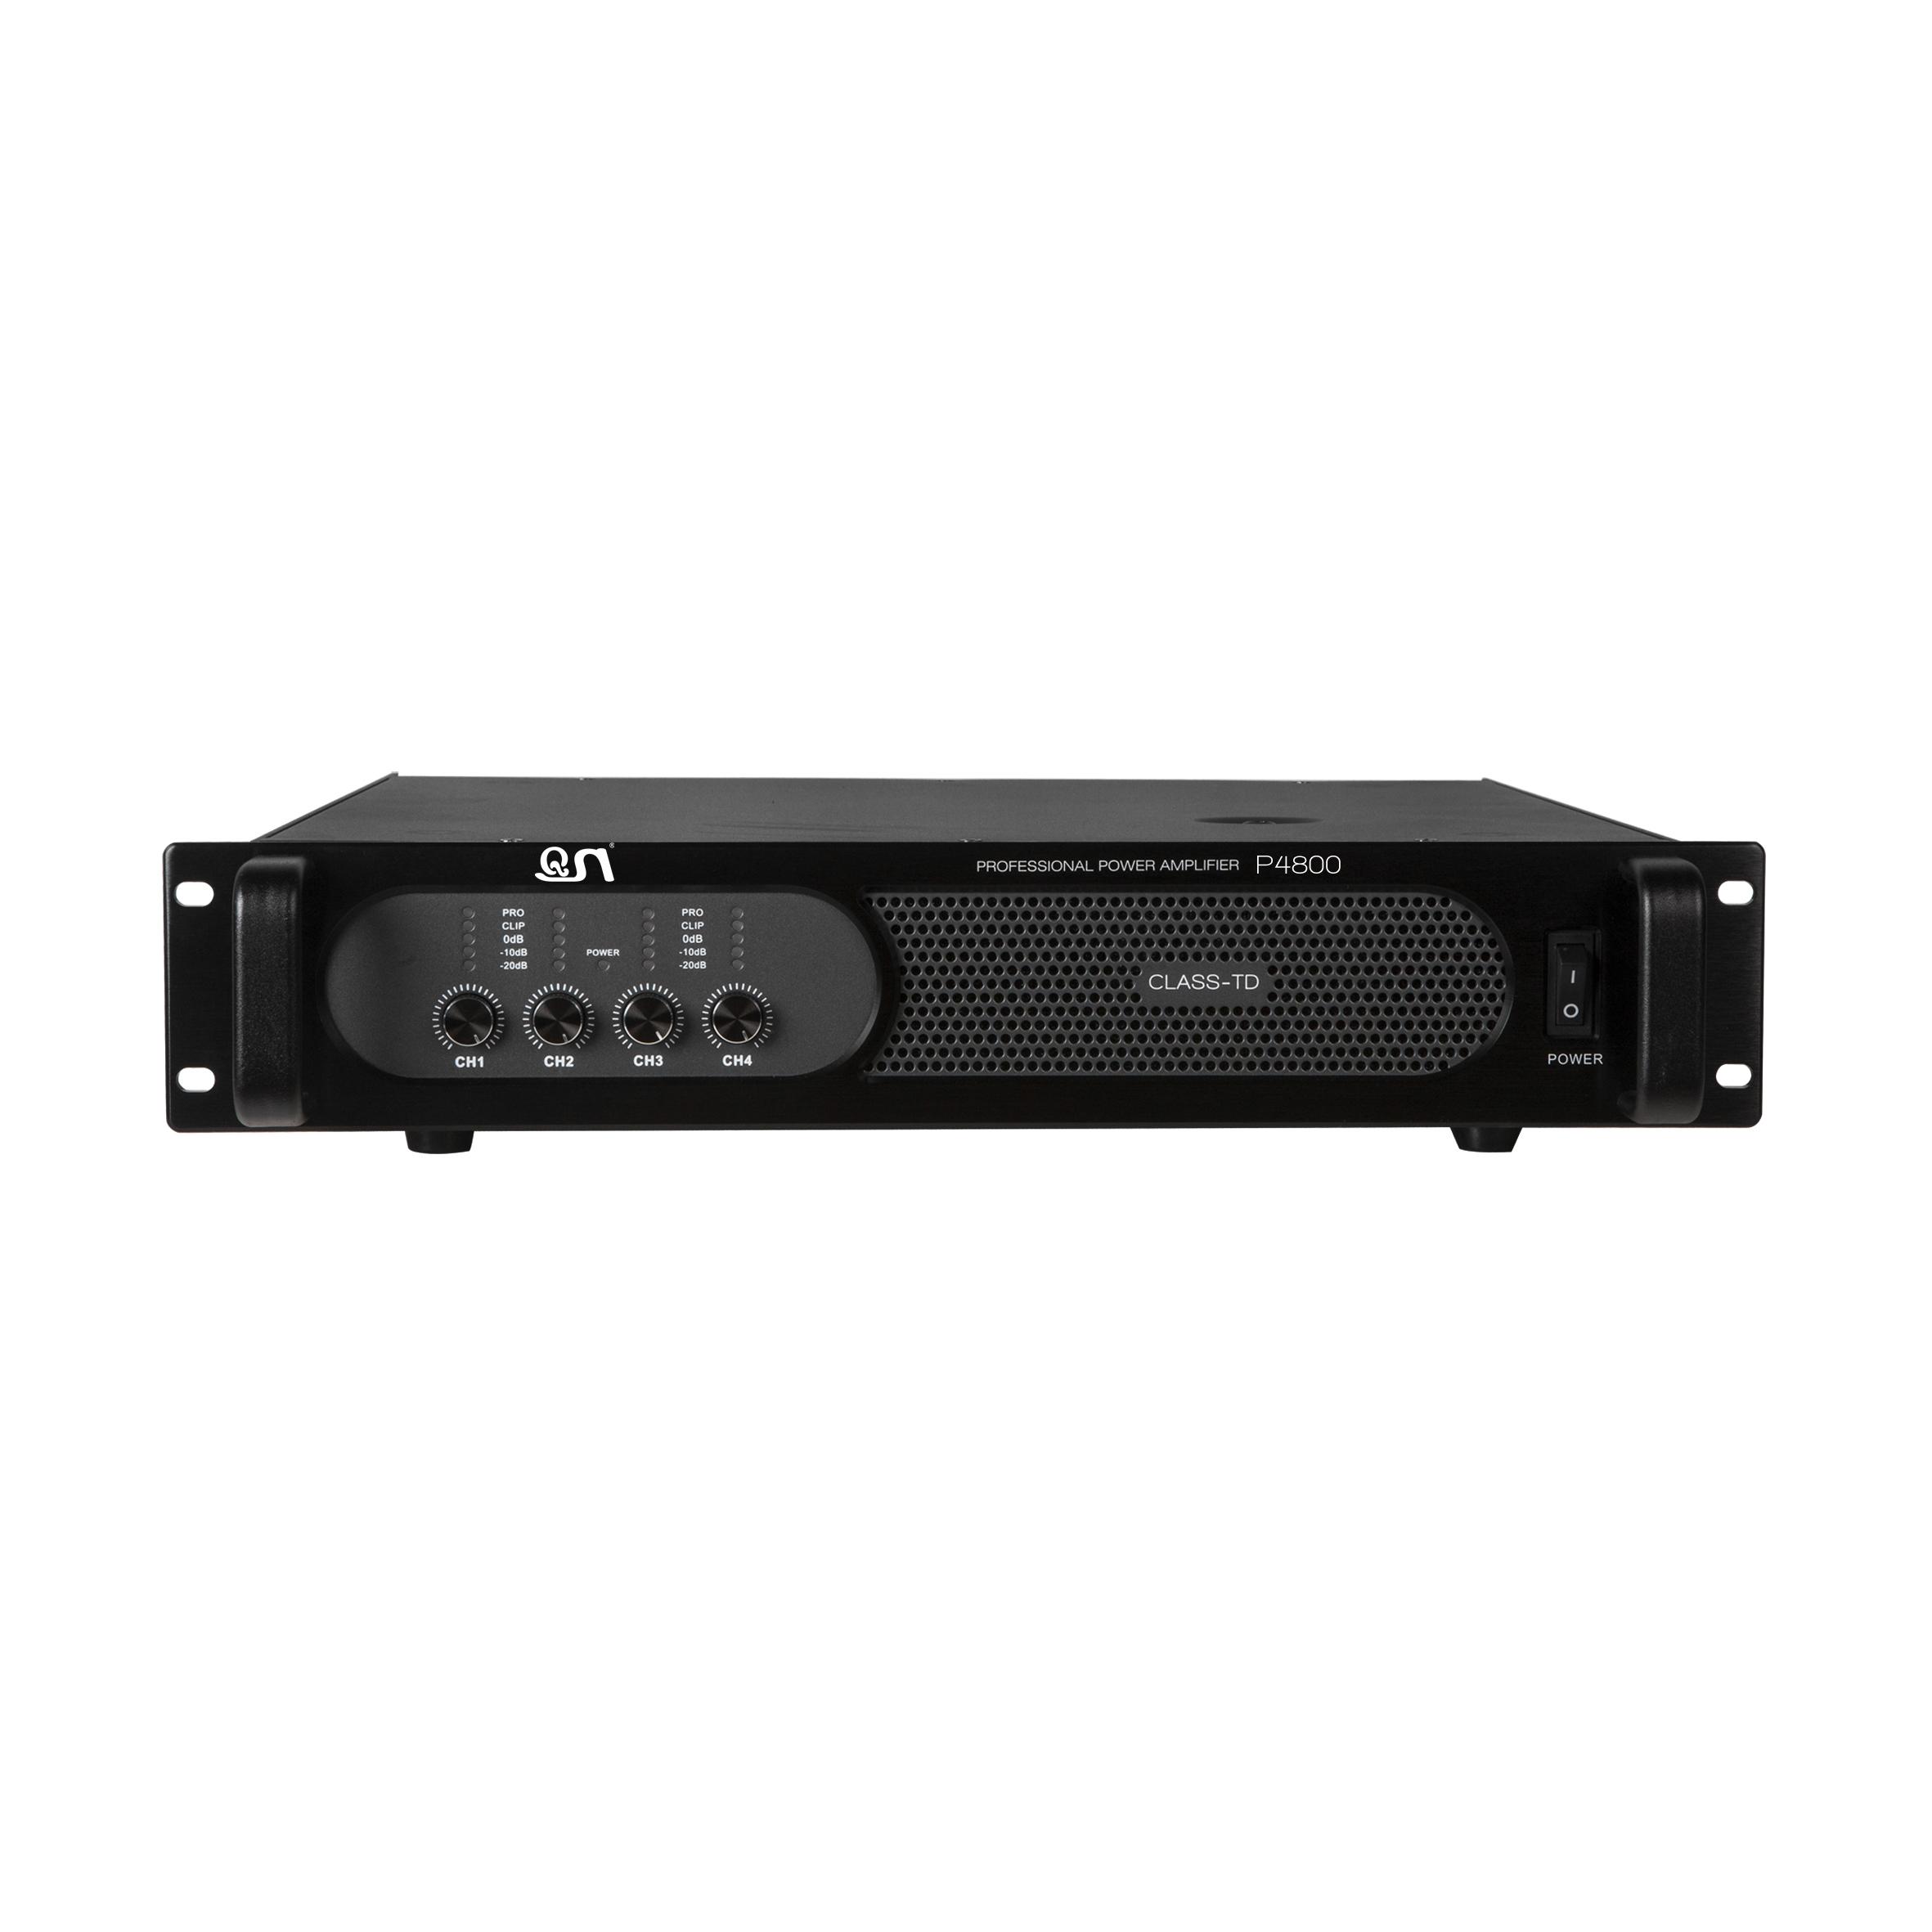 4 channels 1200w power amplifier PH4800